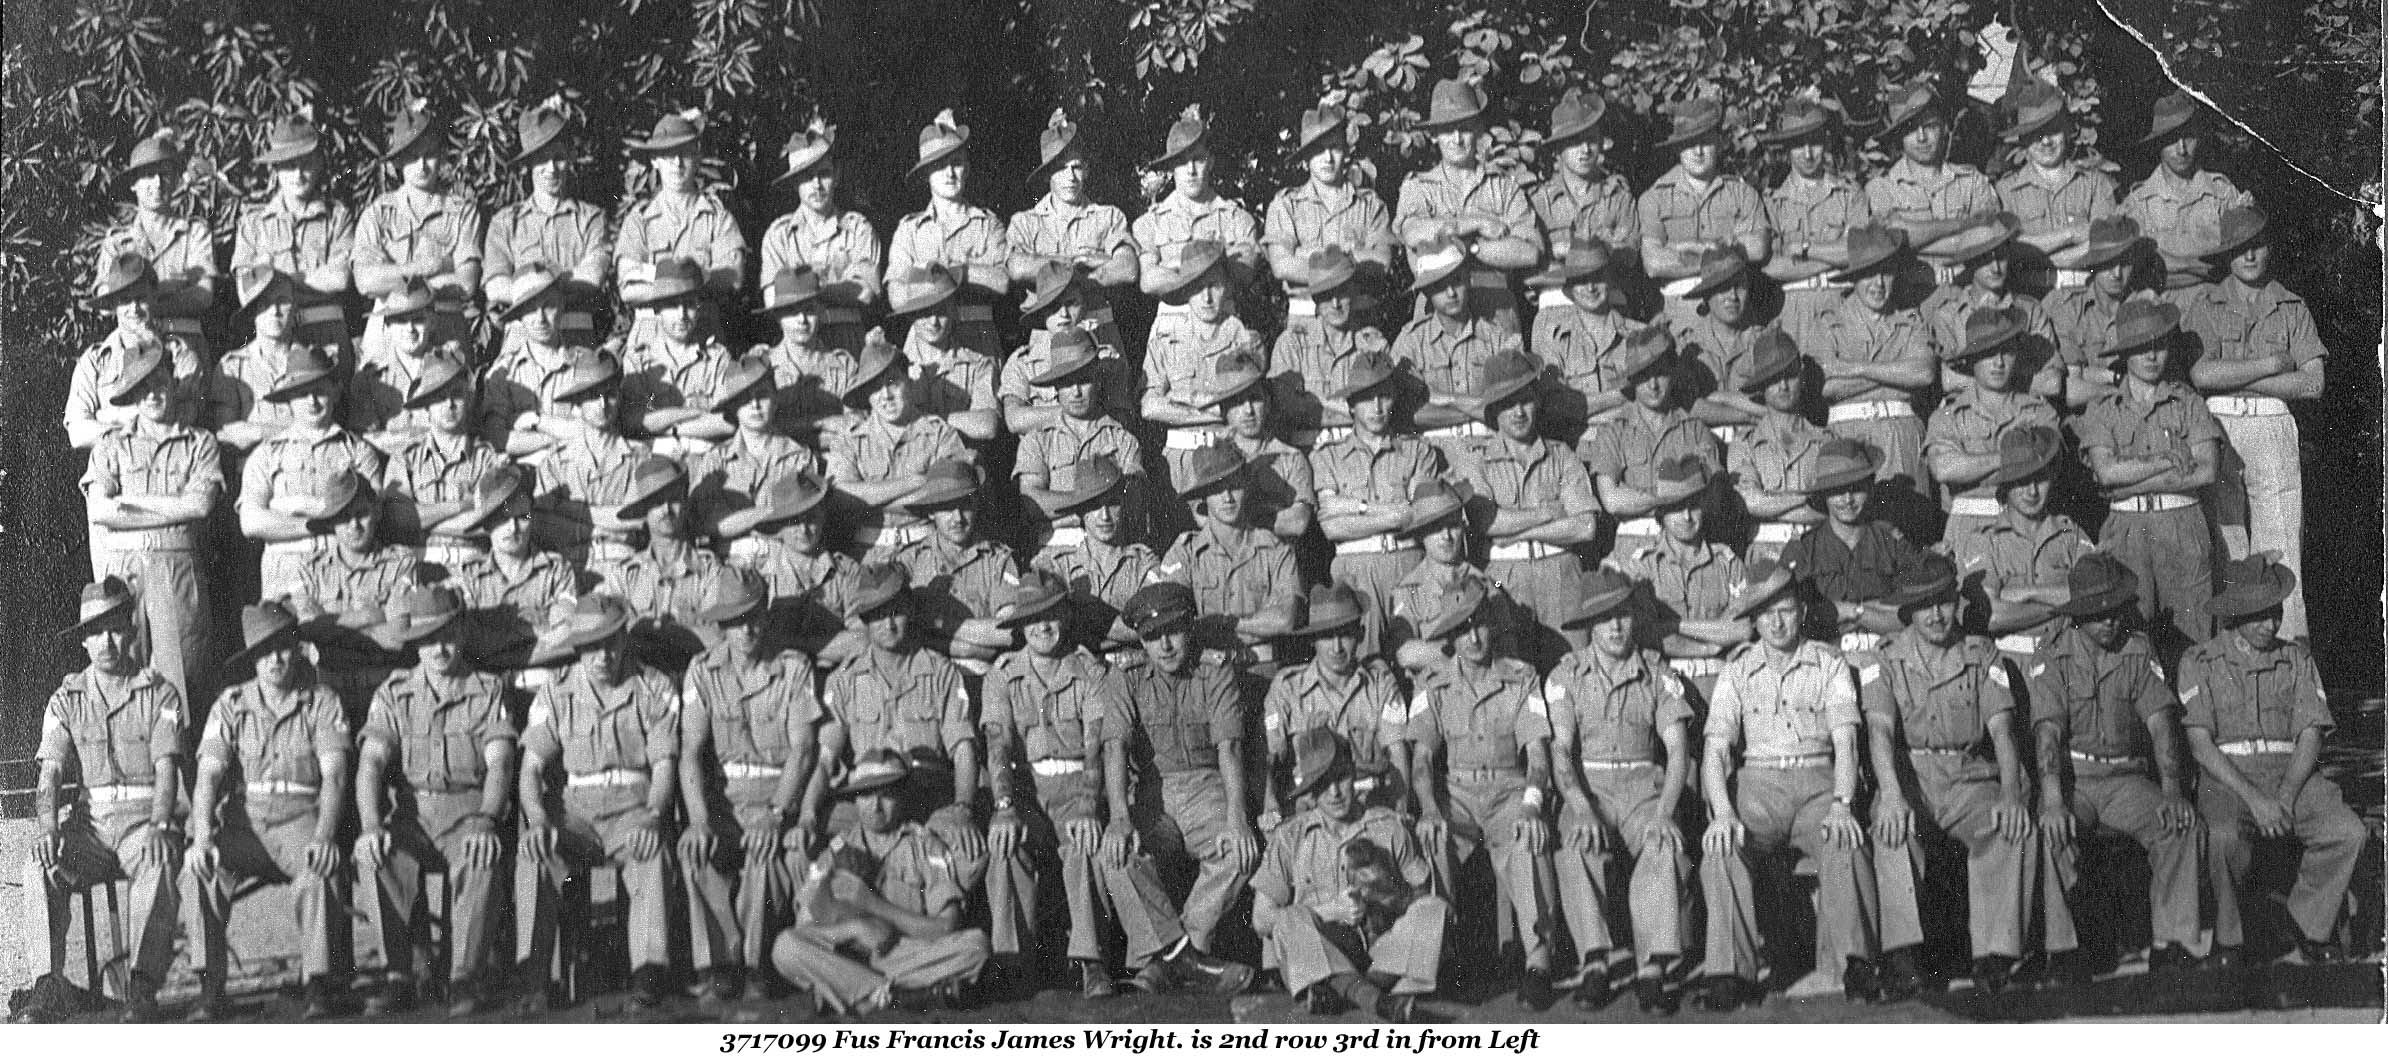 Lancashire fusiliers photographs 1st bn ww2